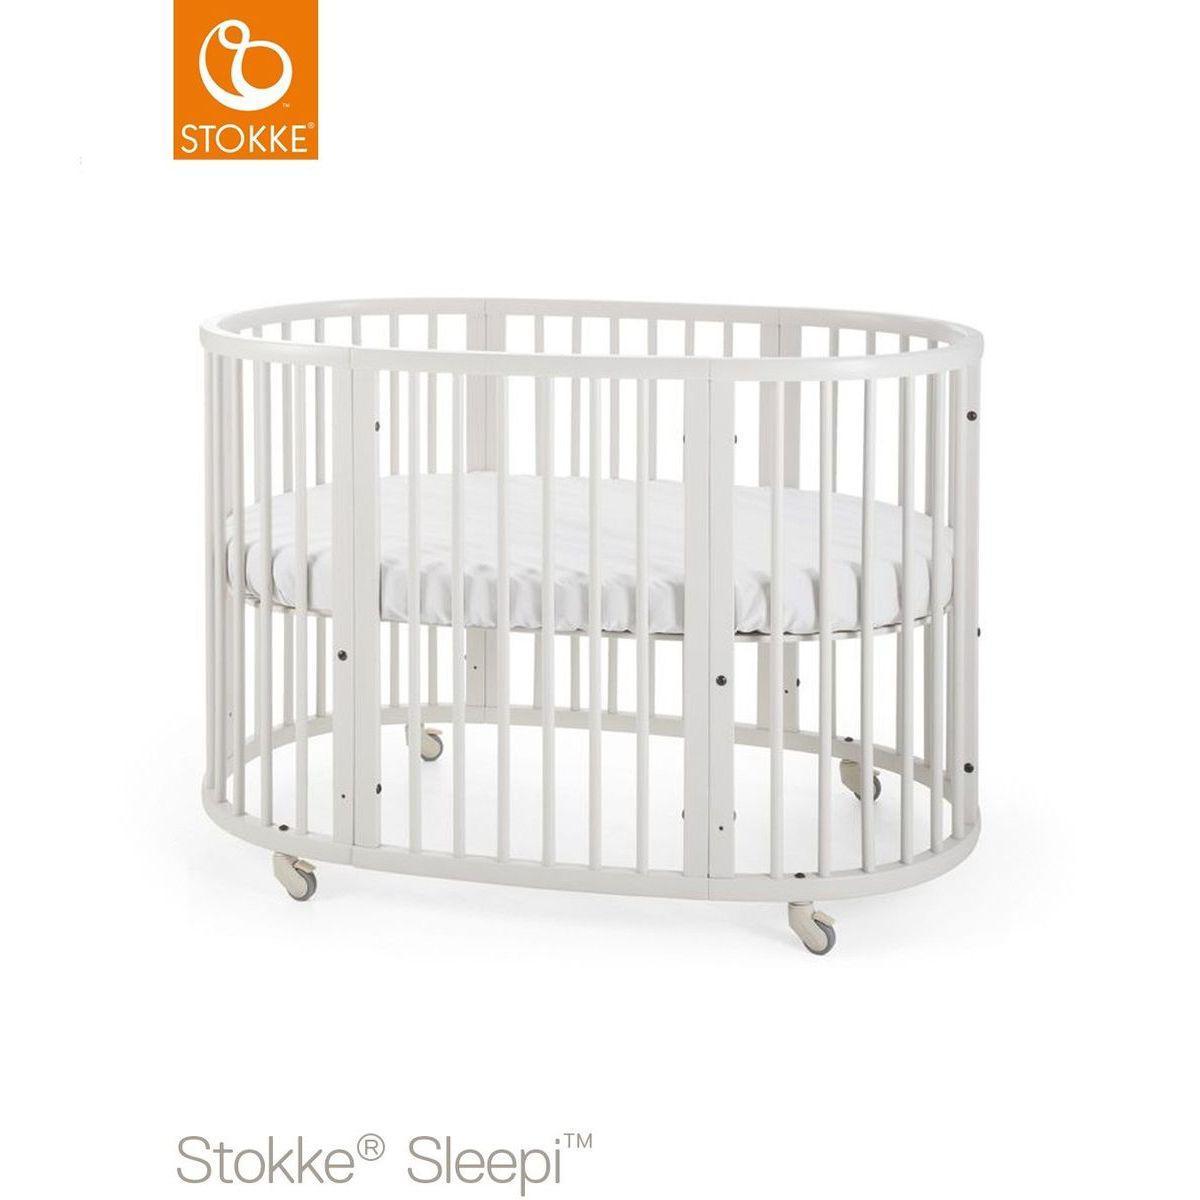 Babybett mitwachsend 120cm SLEEPI Stokke white